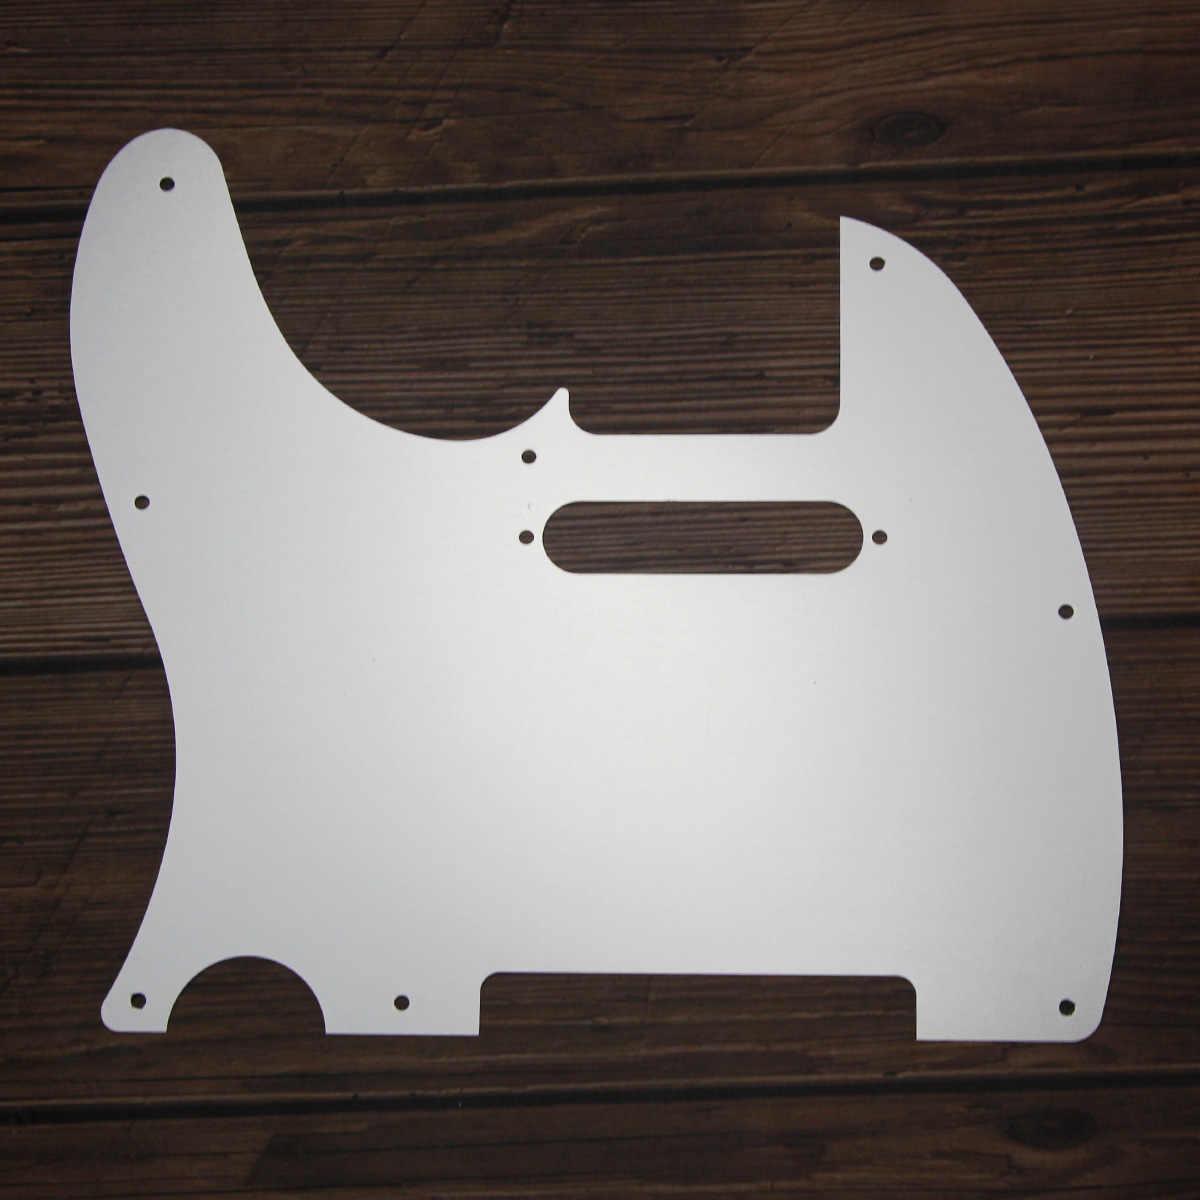 FLEOR Silber Aluminium Metall Schlagbrett USA Mexikanischen Moderne Standard Gitarre Pick Guard Scratch Platte für Tele Gitarre Teile